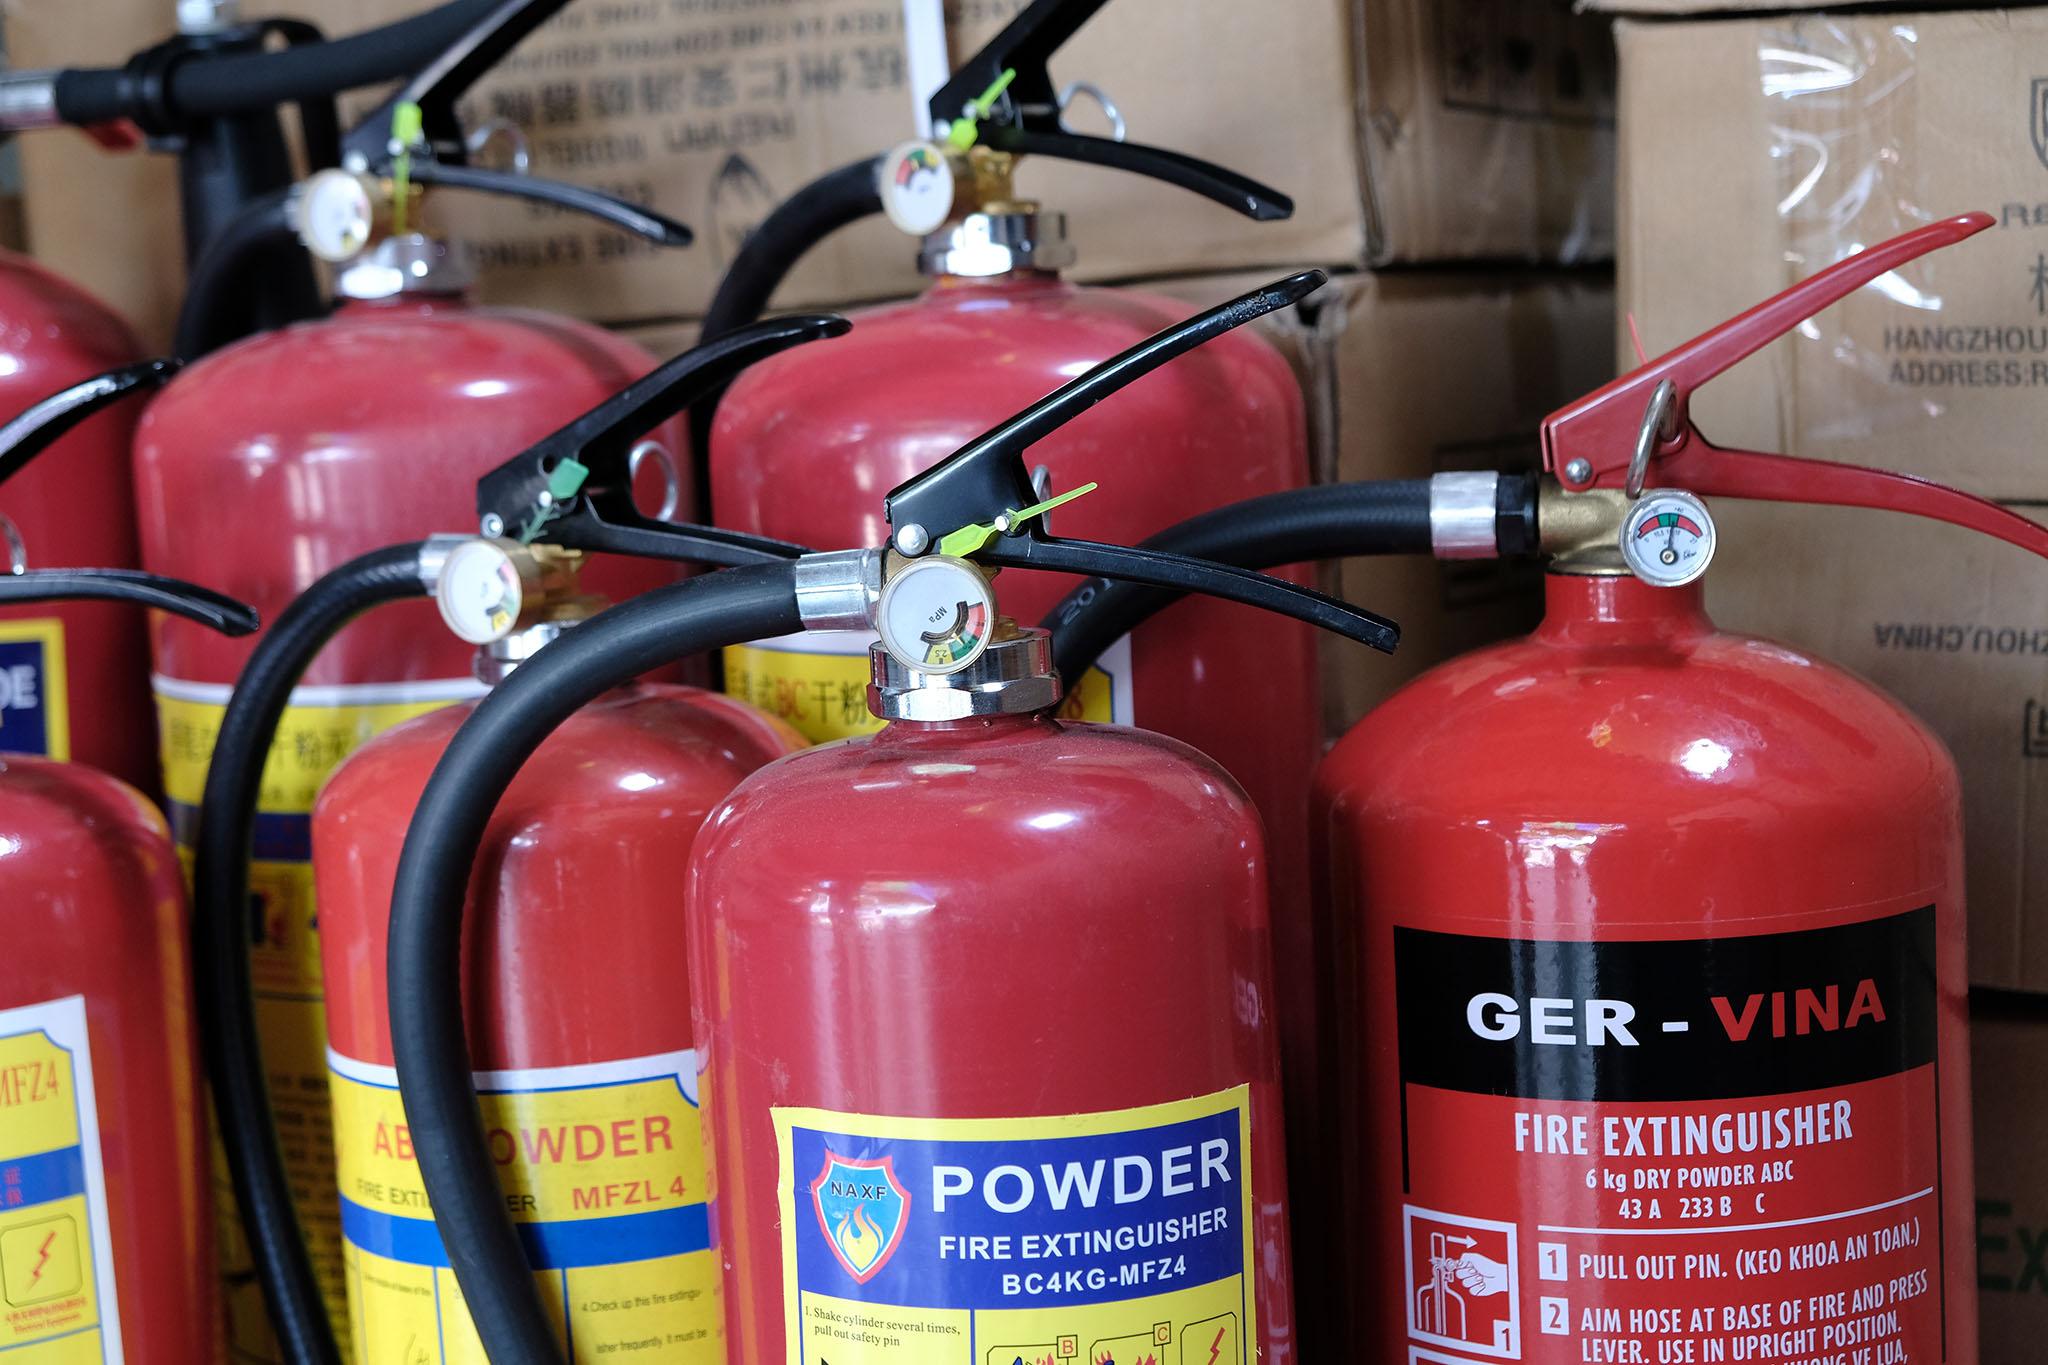 Cơ sở thiết bị bình chữa cháy tại Bạc Liêu